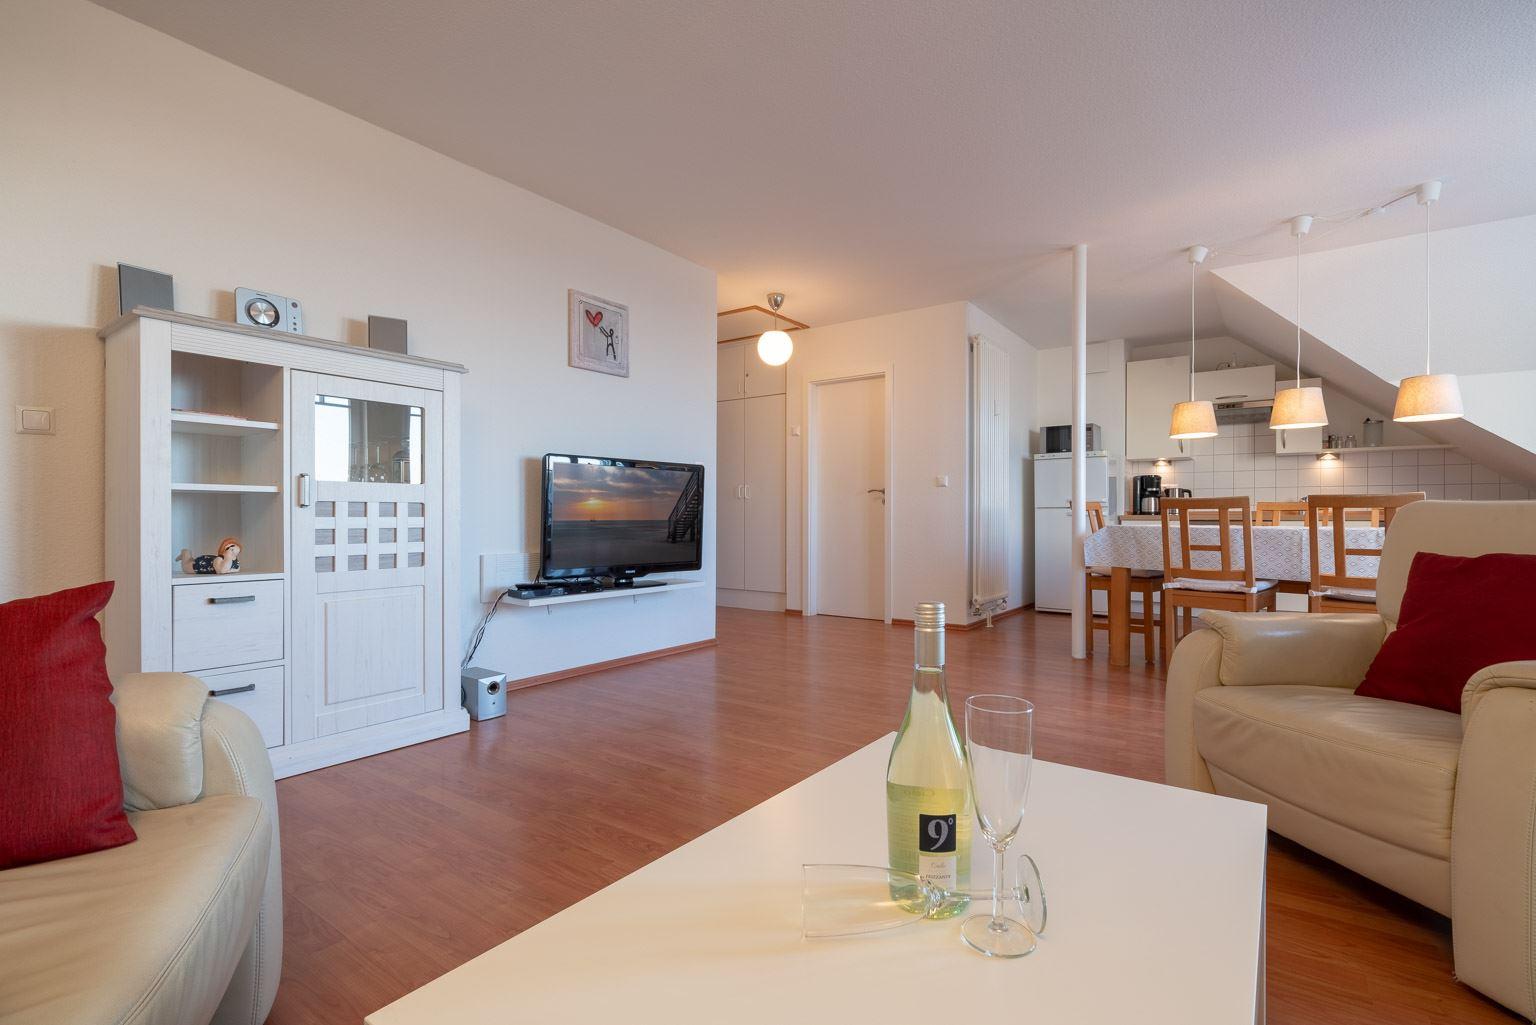 """Haus Zum Böhler Strand 10, Wohnung 11 """"Barghahn"""" (ID 365) - Wohnzimmer"""